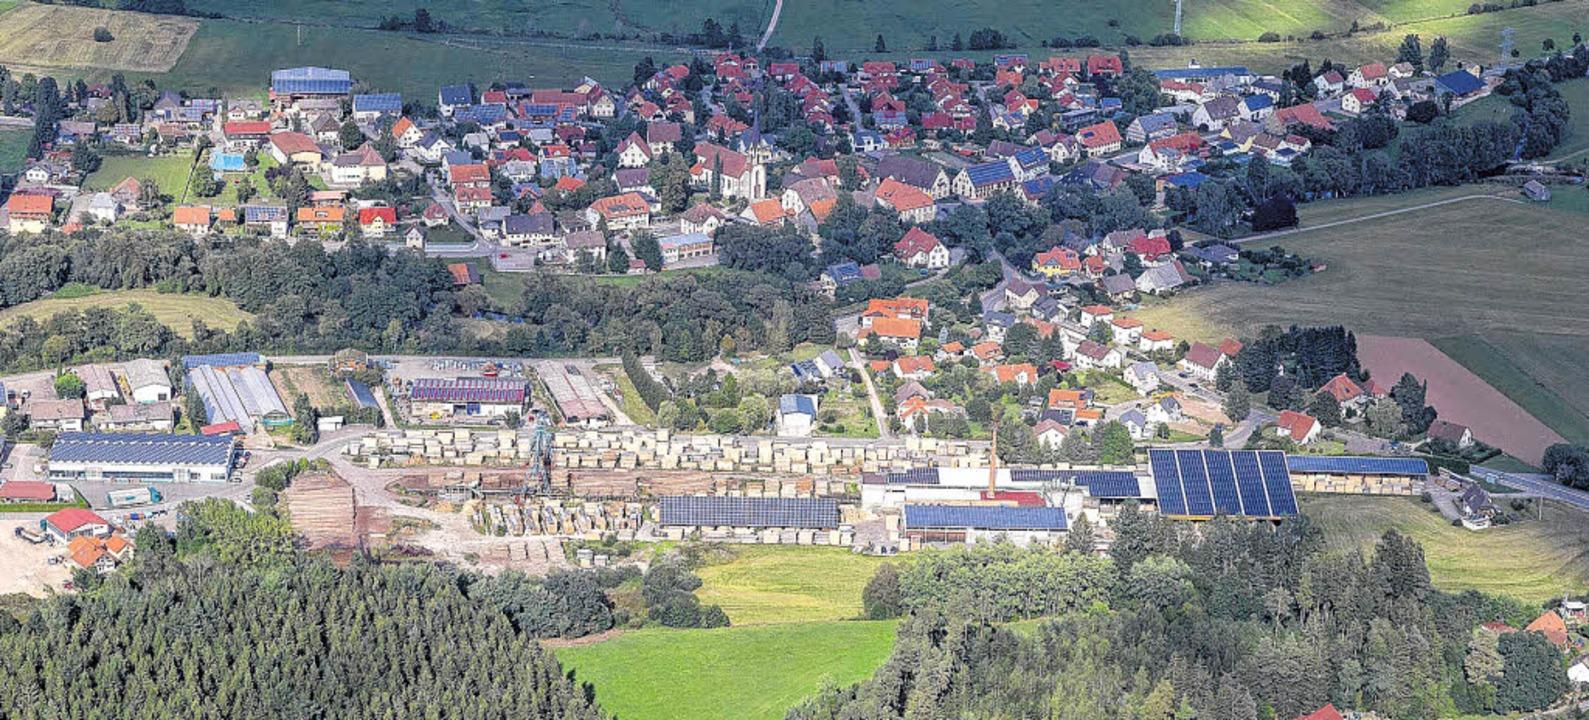 Enorme Dimensionen hat das Gewerbegebiet Längefeld in Wolterdingen erreicht.     Foto: Hans-Jürgen Götz